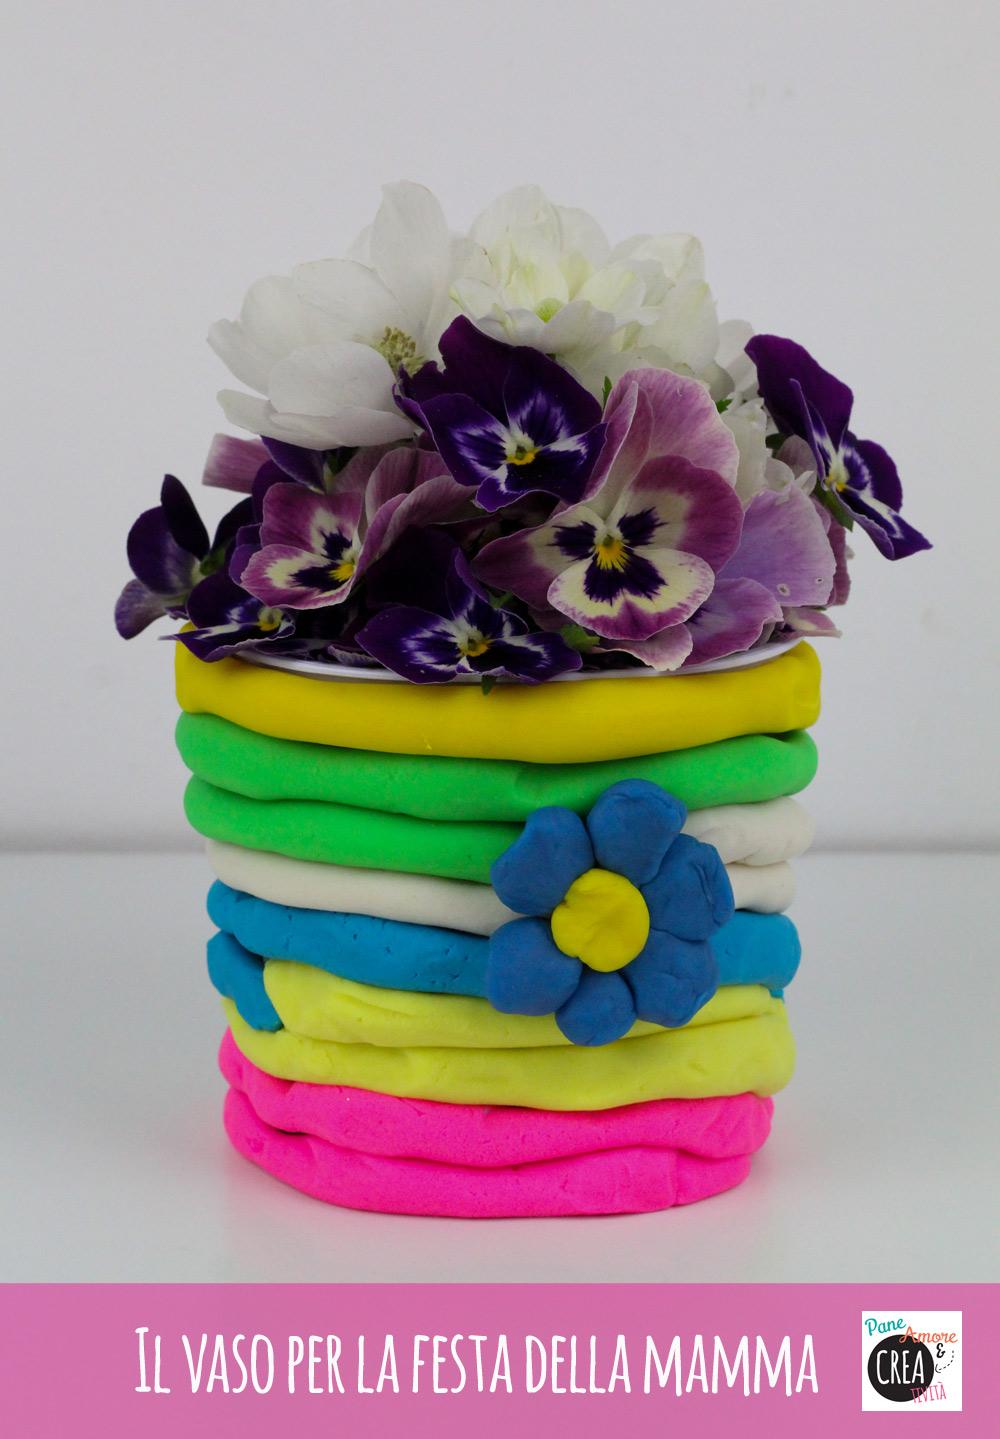 vaso-per-la-festa-della-mamma-lavoretti-per-bambini